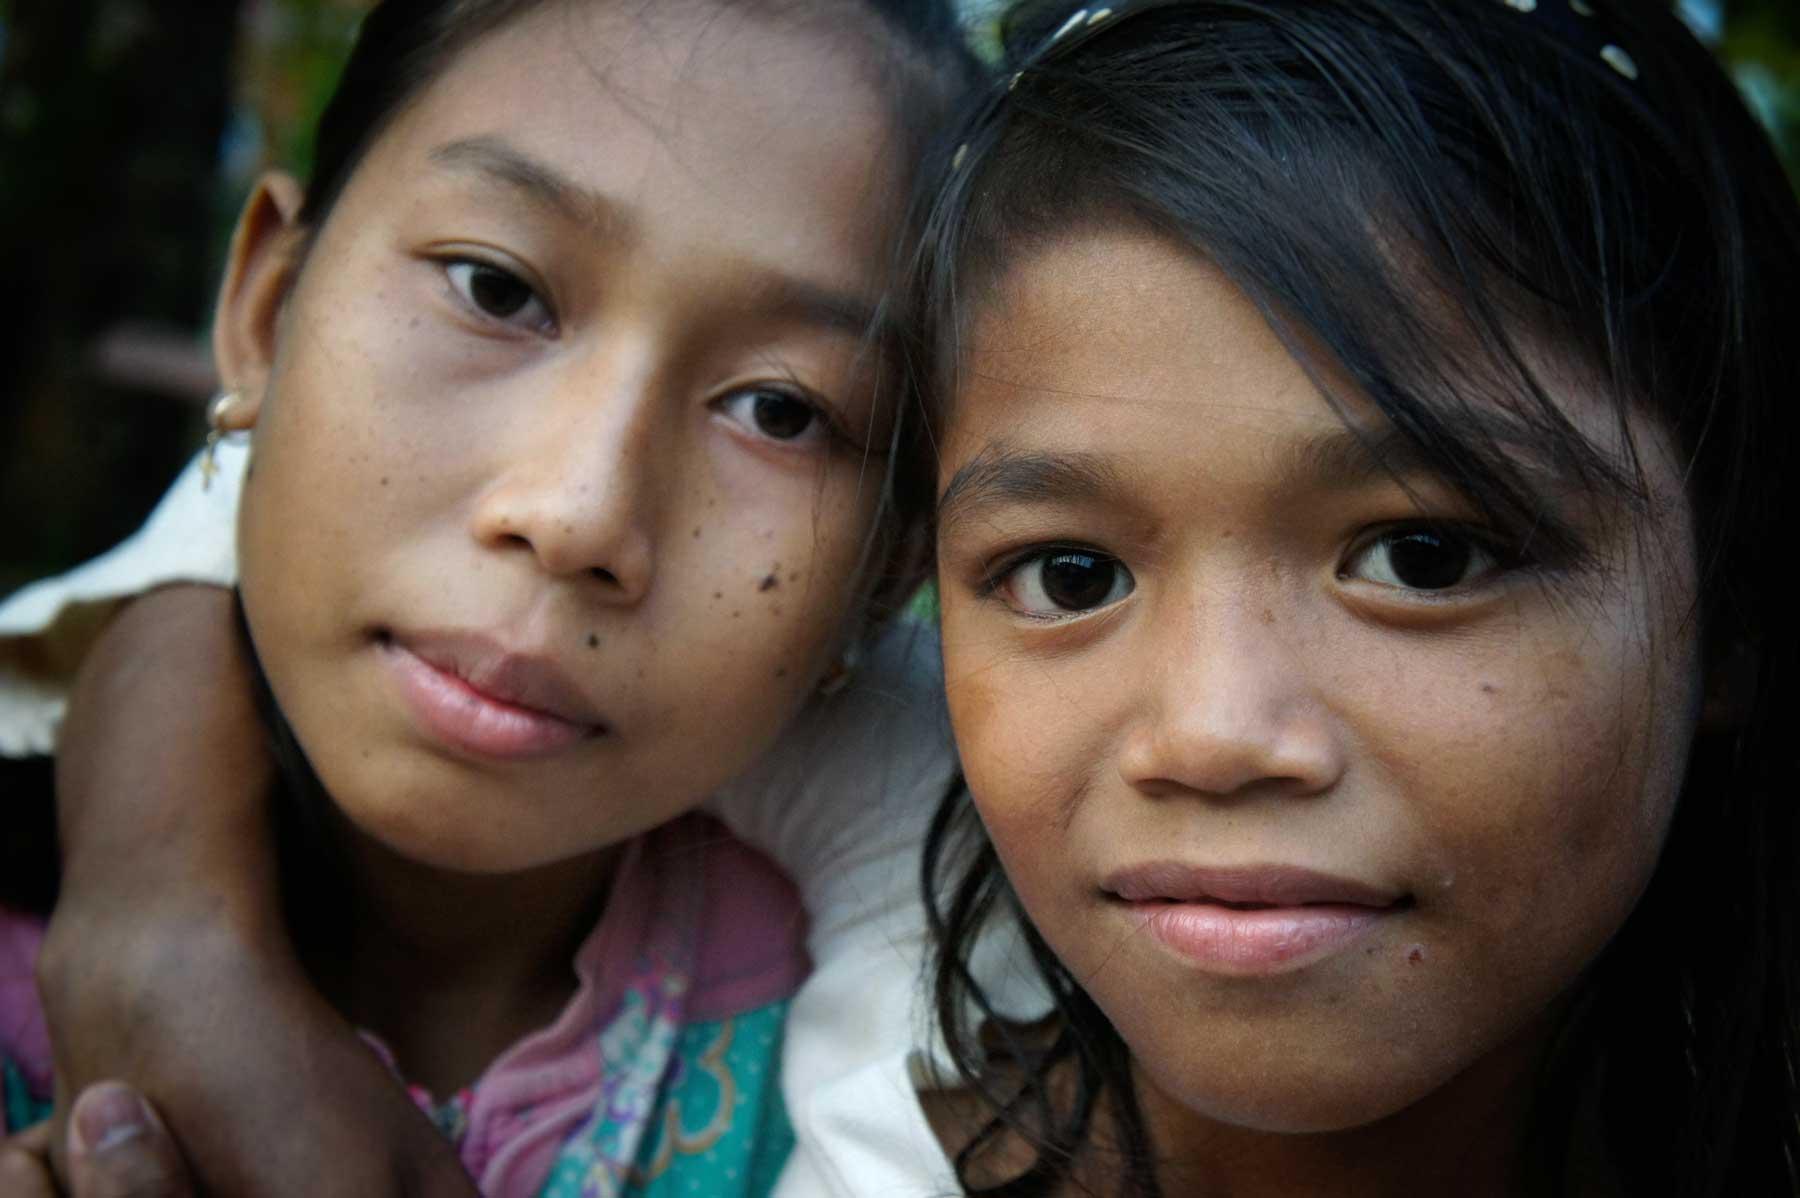 Zwei kleine Mädchen in Kambodscha leben unter Schutz in unserem Kinderschutzzentrum in Battambang